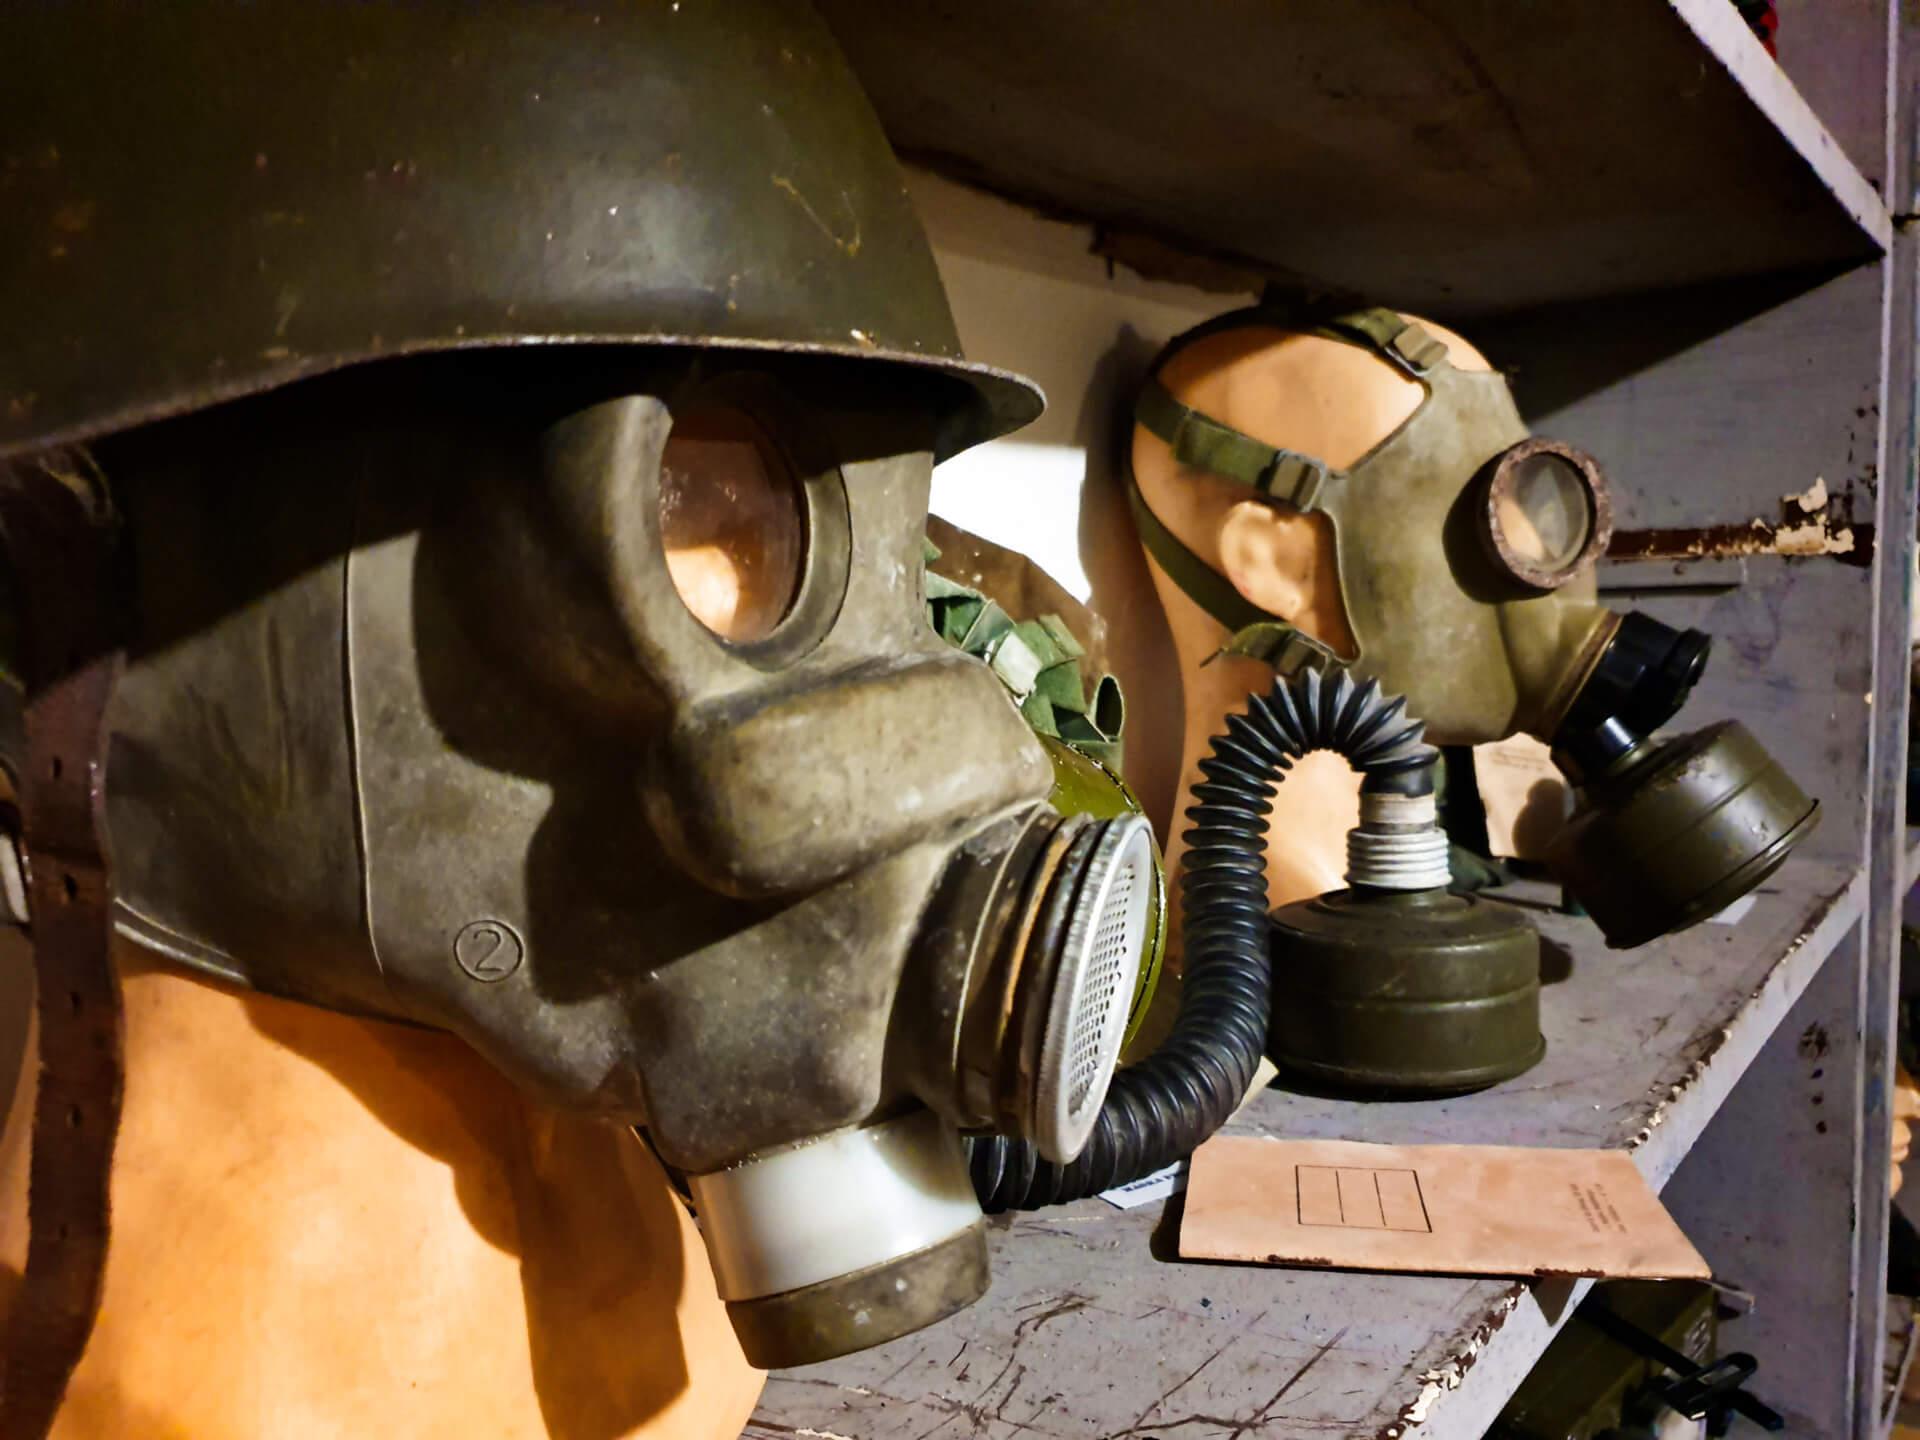 schron na brusie_pomieszczenia_wystawy_ekspozycja_zabytkowe_maski_gazowe